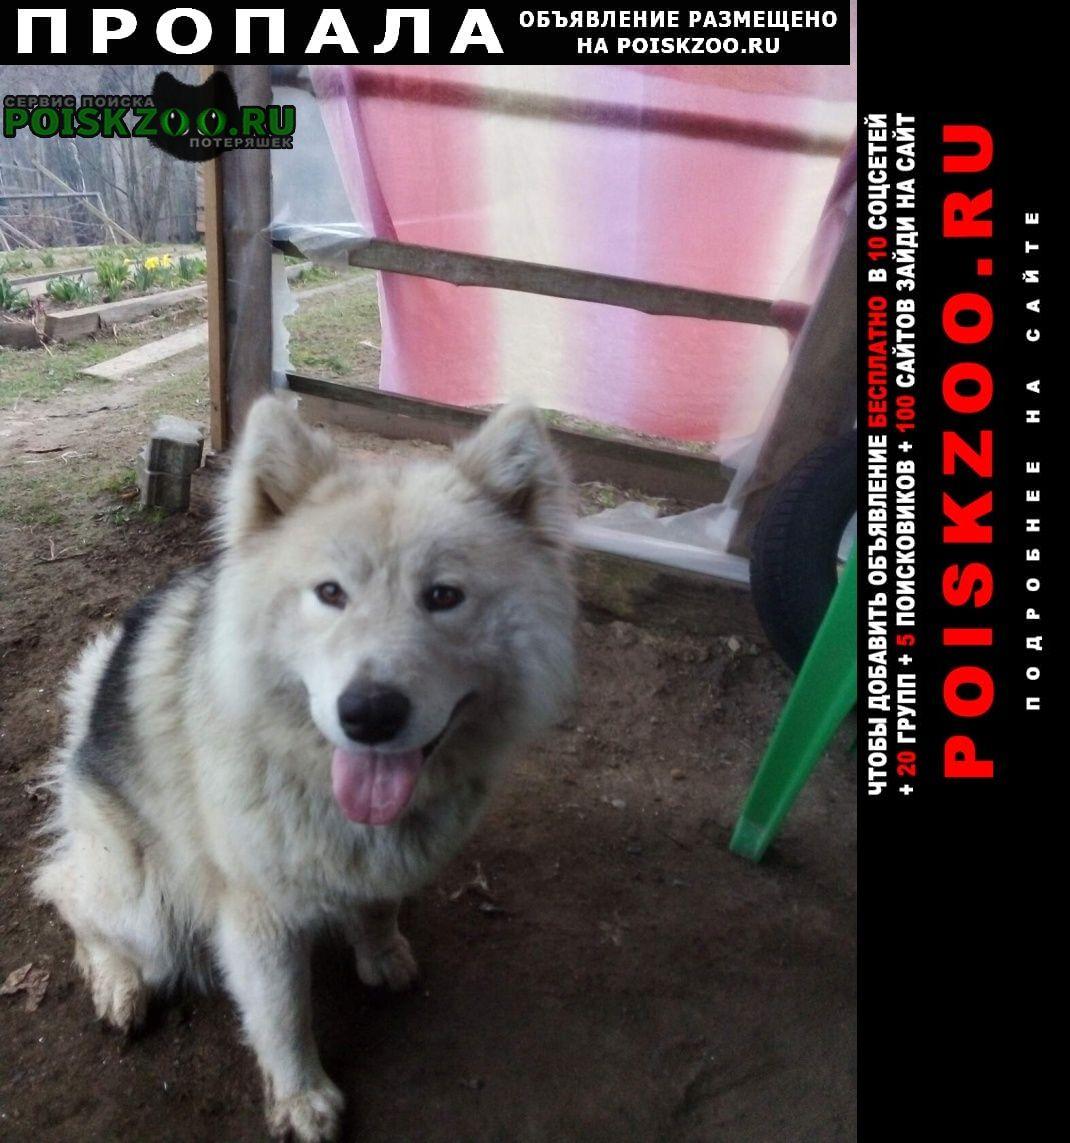 Пропала собака породы маламут Медынь